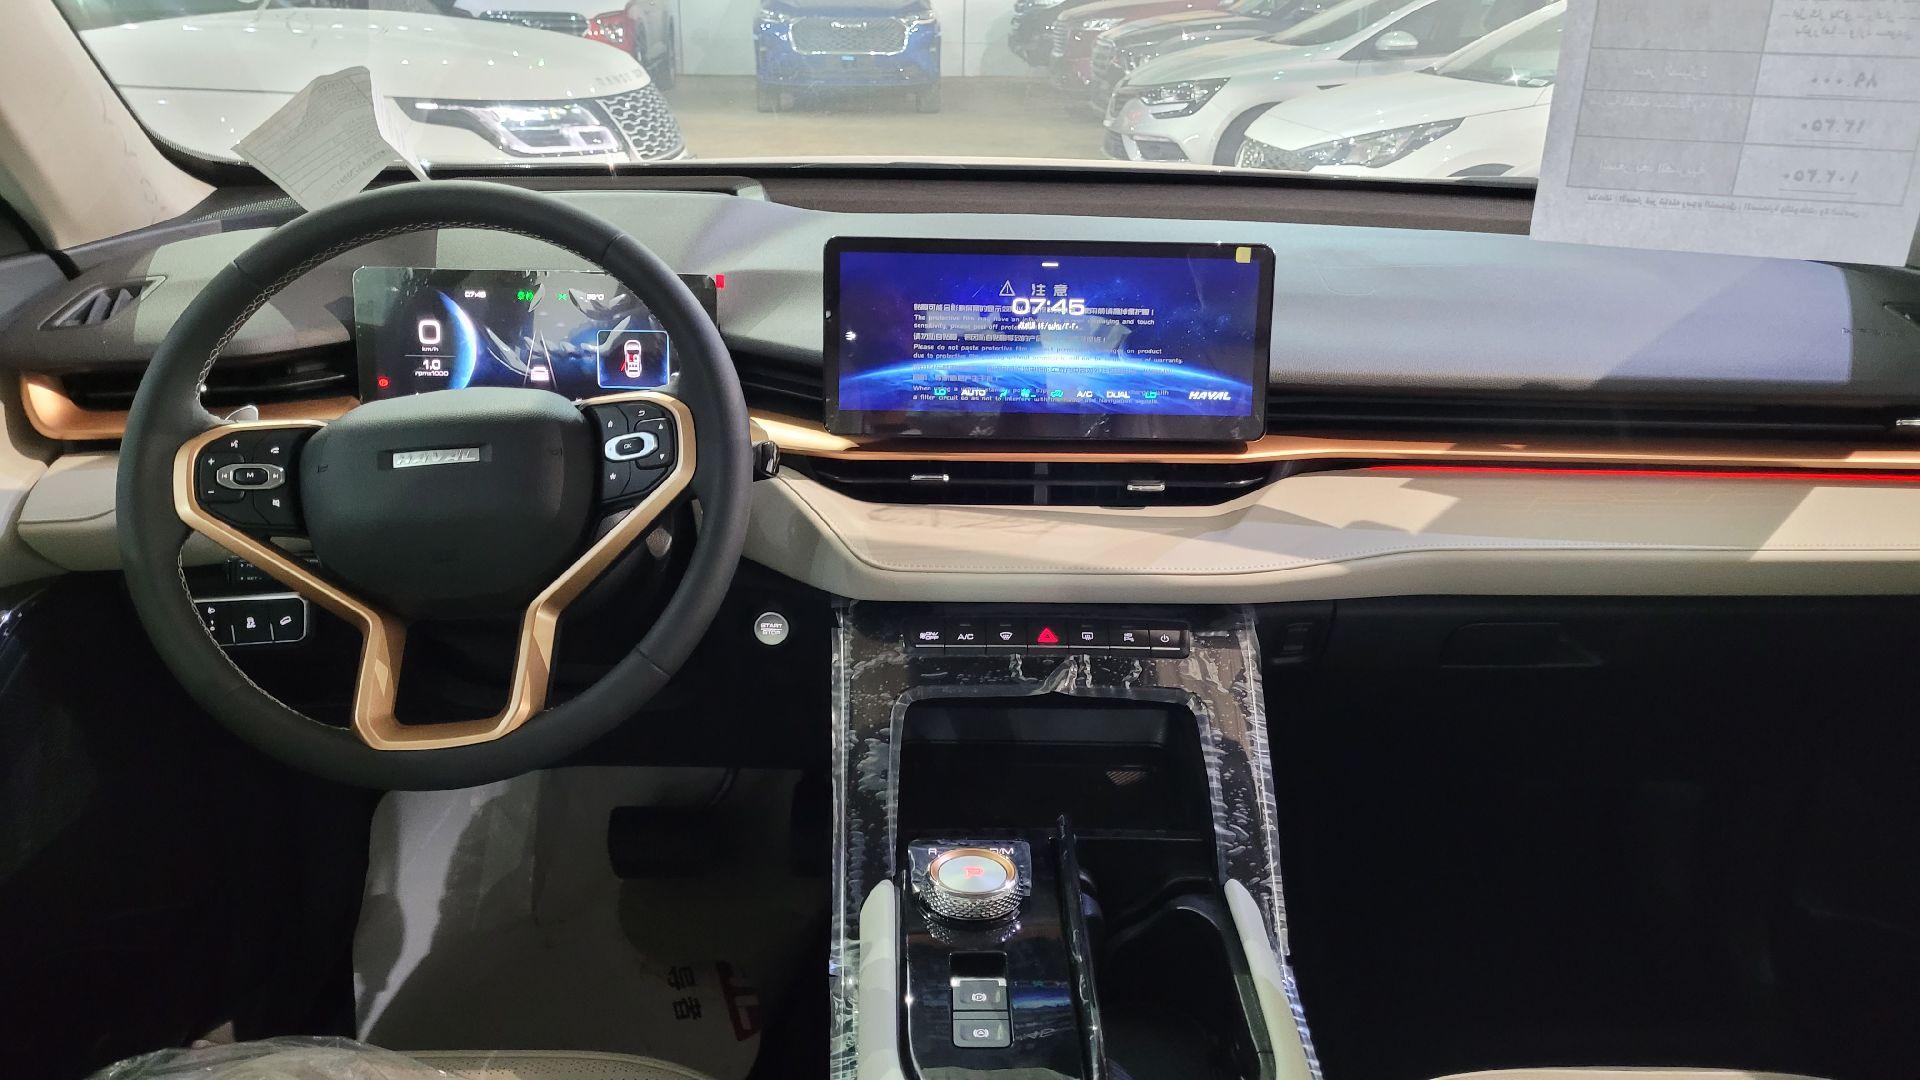 مباع - هافال H6 الشكل الجديد Premium 2022 فل سعودي للبيع في الرياض - السعودية - صورة كبيرة - 13